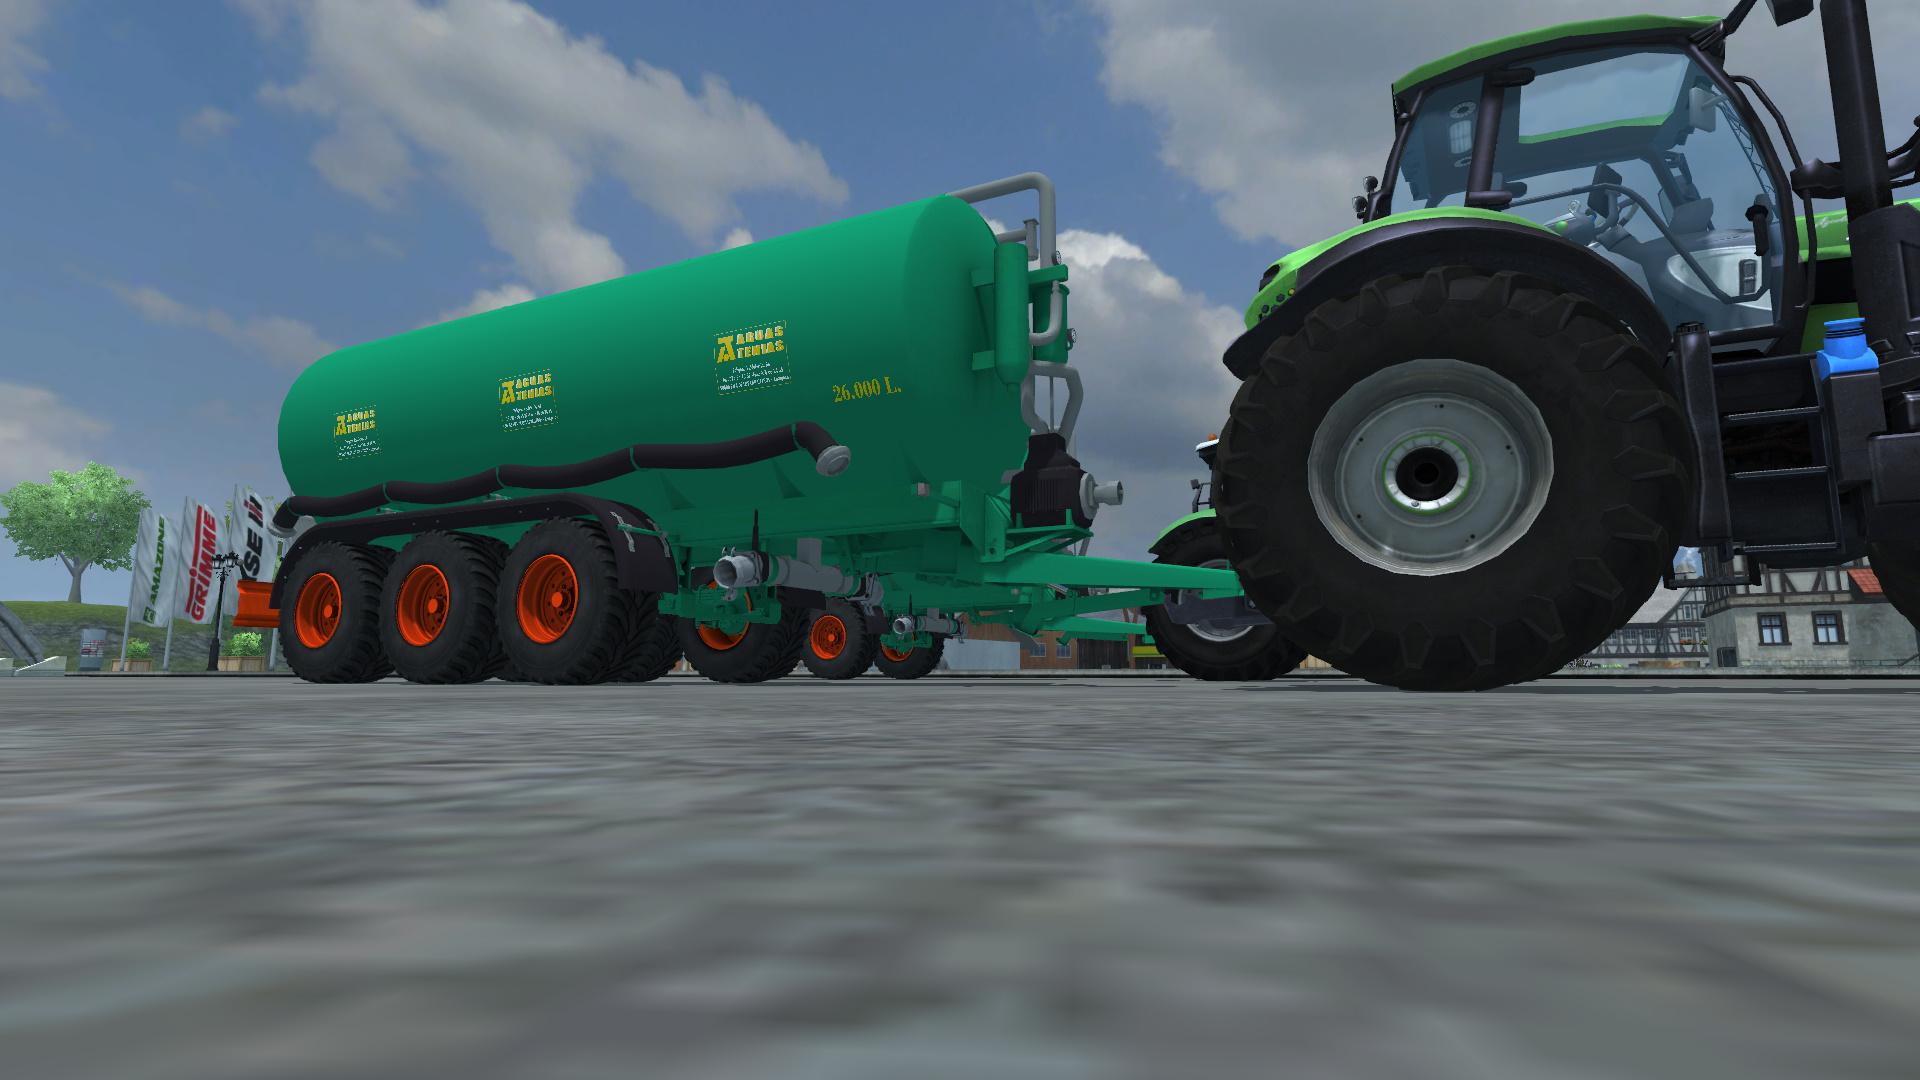 [Encuesta][T.E.P.] Proyecto Aguas Tenias (22 modelos + 1 Camión) [Terminado 21-4-2014]. - Página 11 Farmingsimulator2013g9ts4x